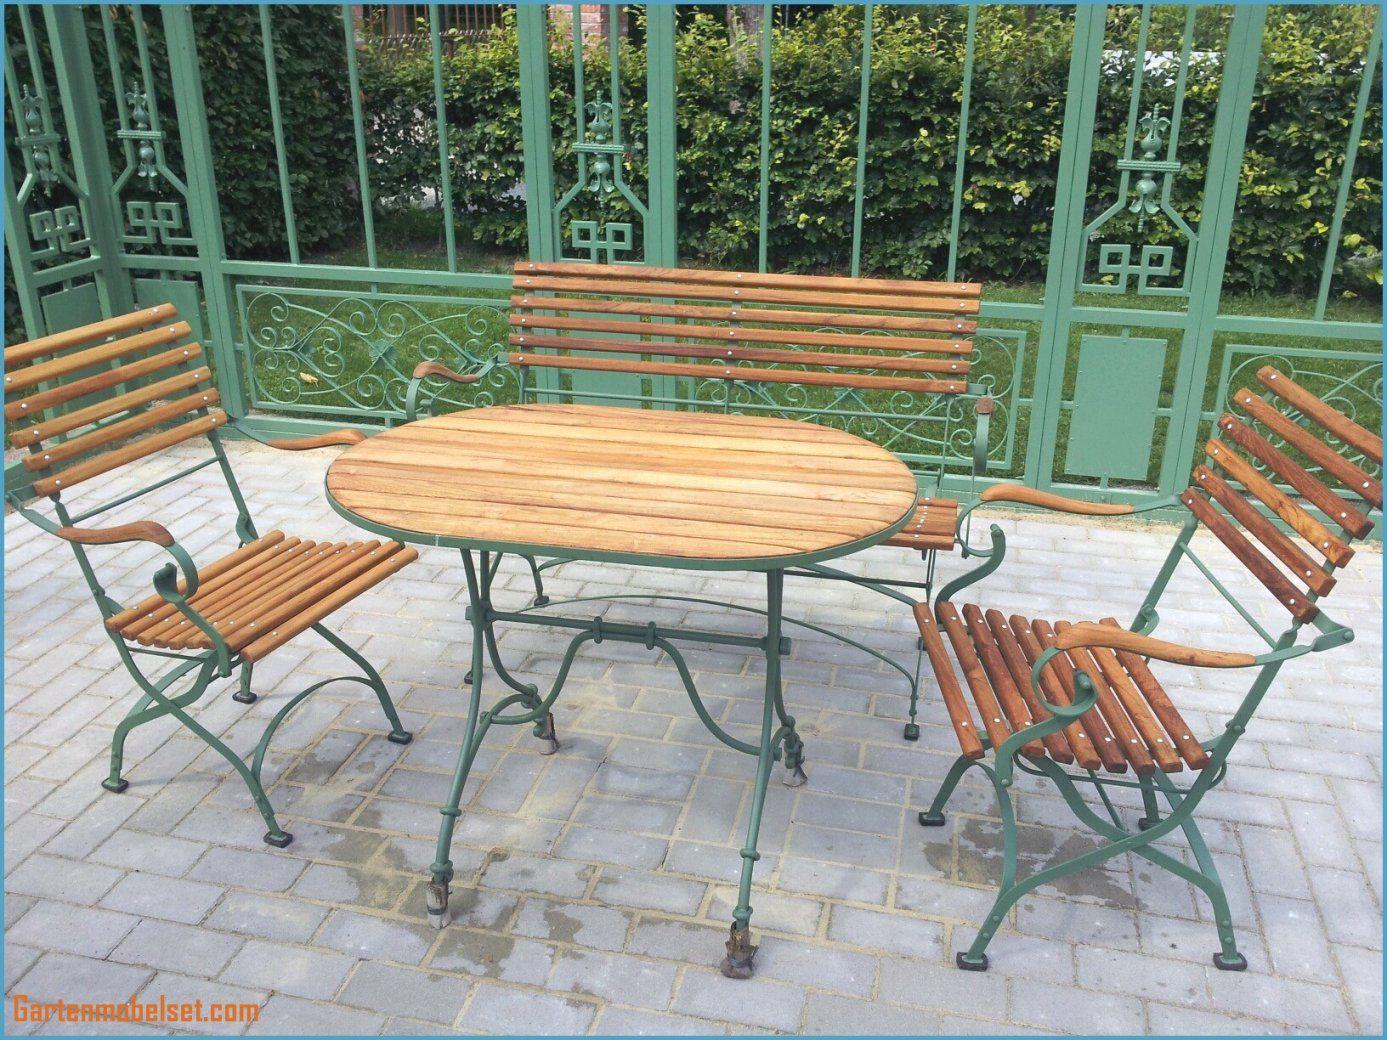 Amazing Gartenmöbel Eisen Antik Günstig My Lovely Home Innerhalb von Gartenmöbel Eisen Antik Günstig Photo